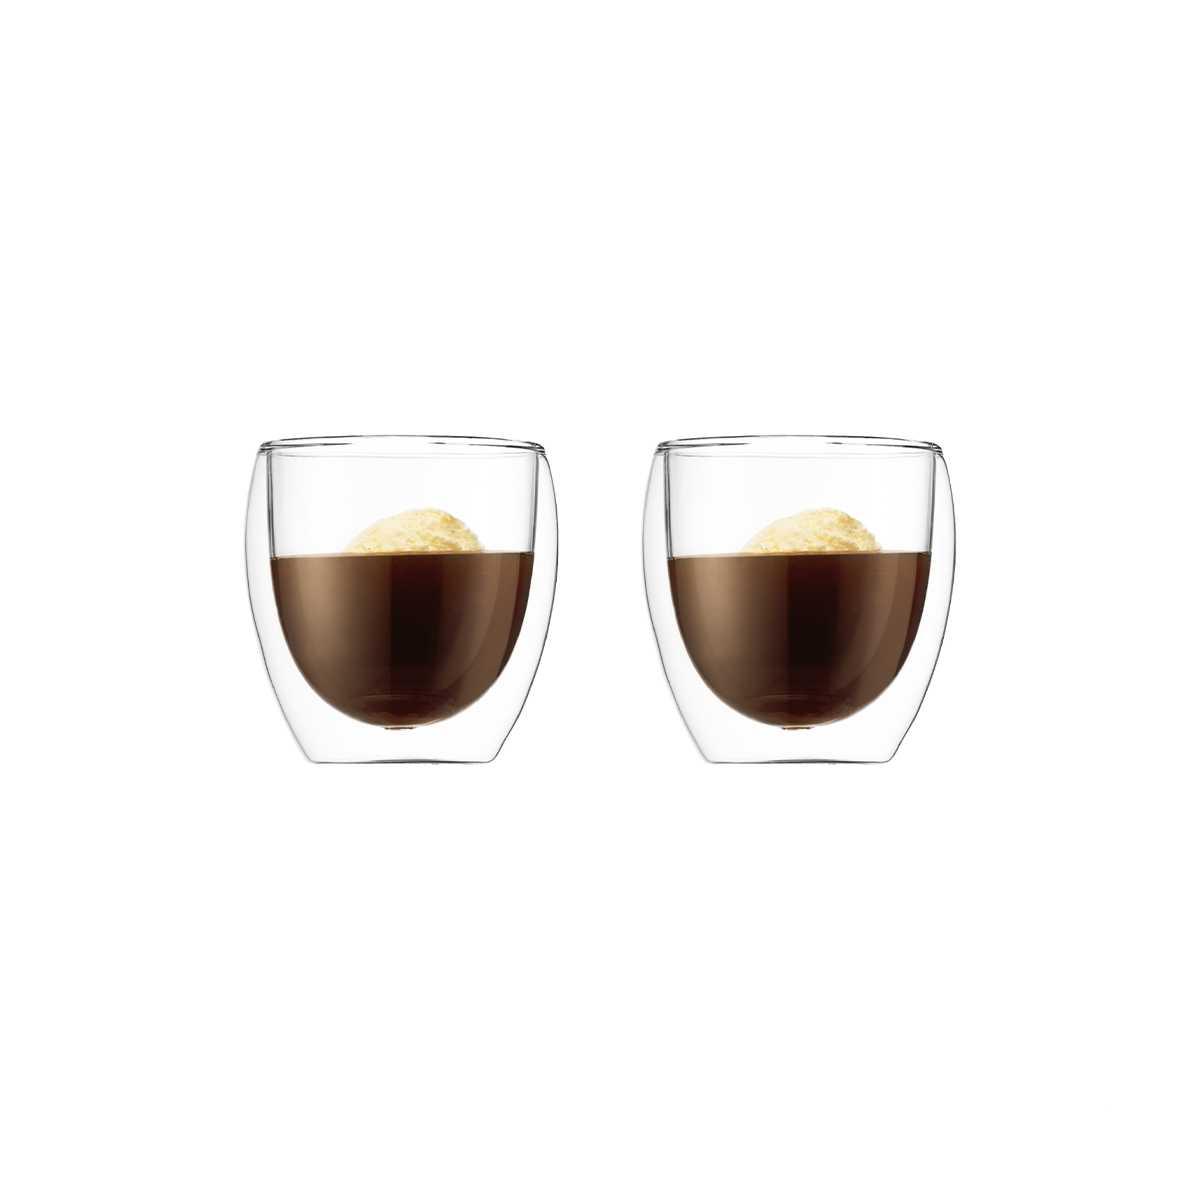 Онлайн каталог PROMENU: Набор стаканов с двойными стенками 0,25 л, 2 шт Bodum Pavina  (4558-10) Bodum 4558-10